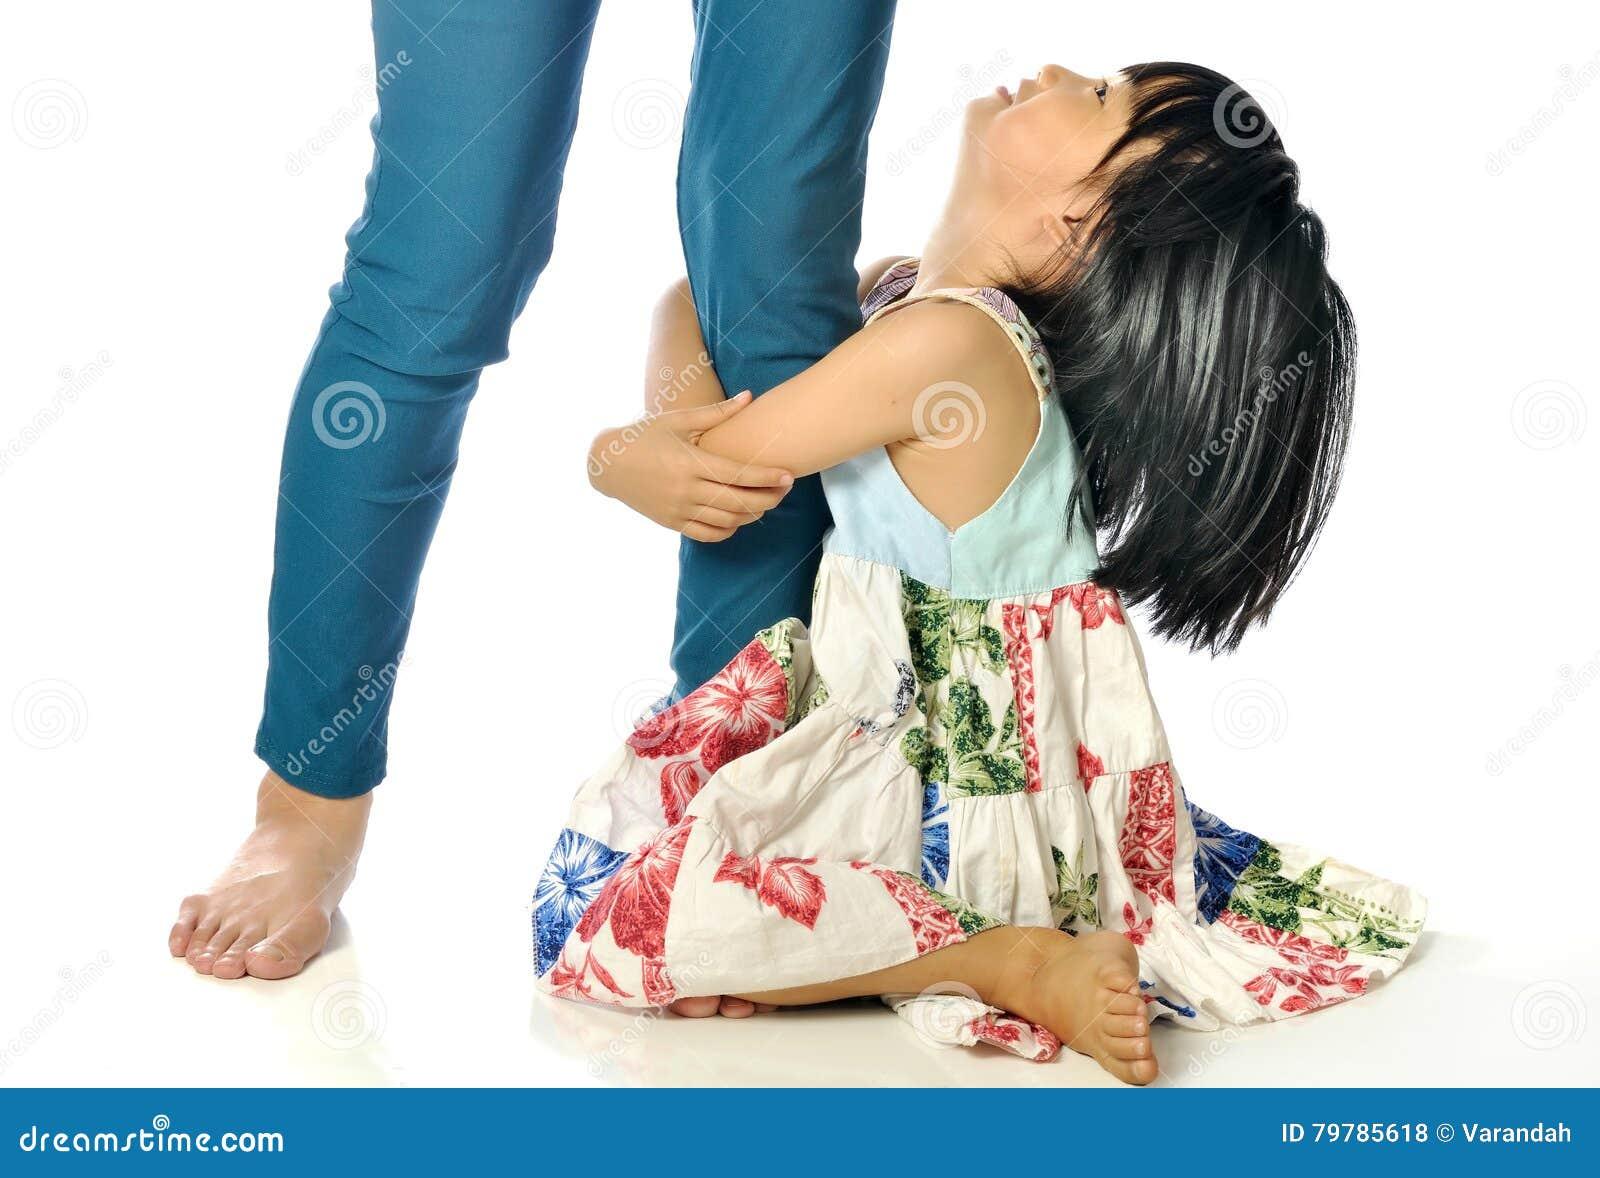 Asian Girl Leg